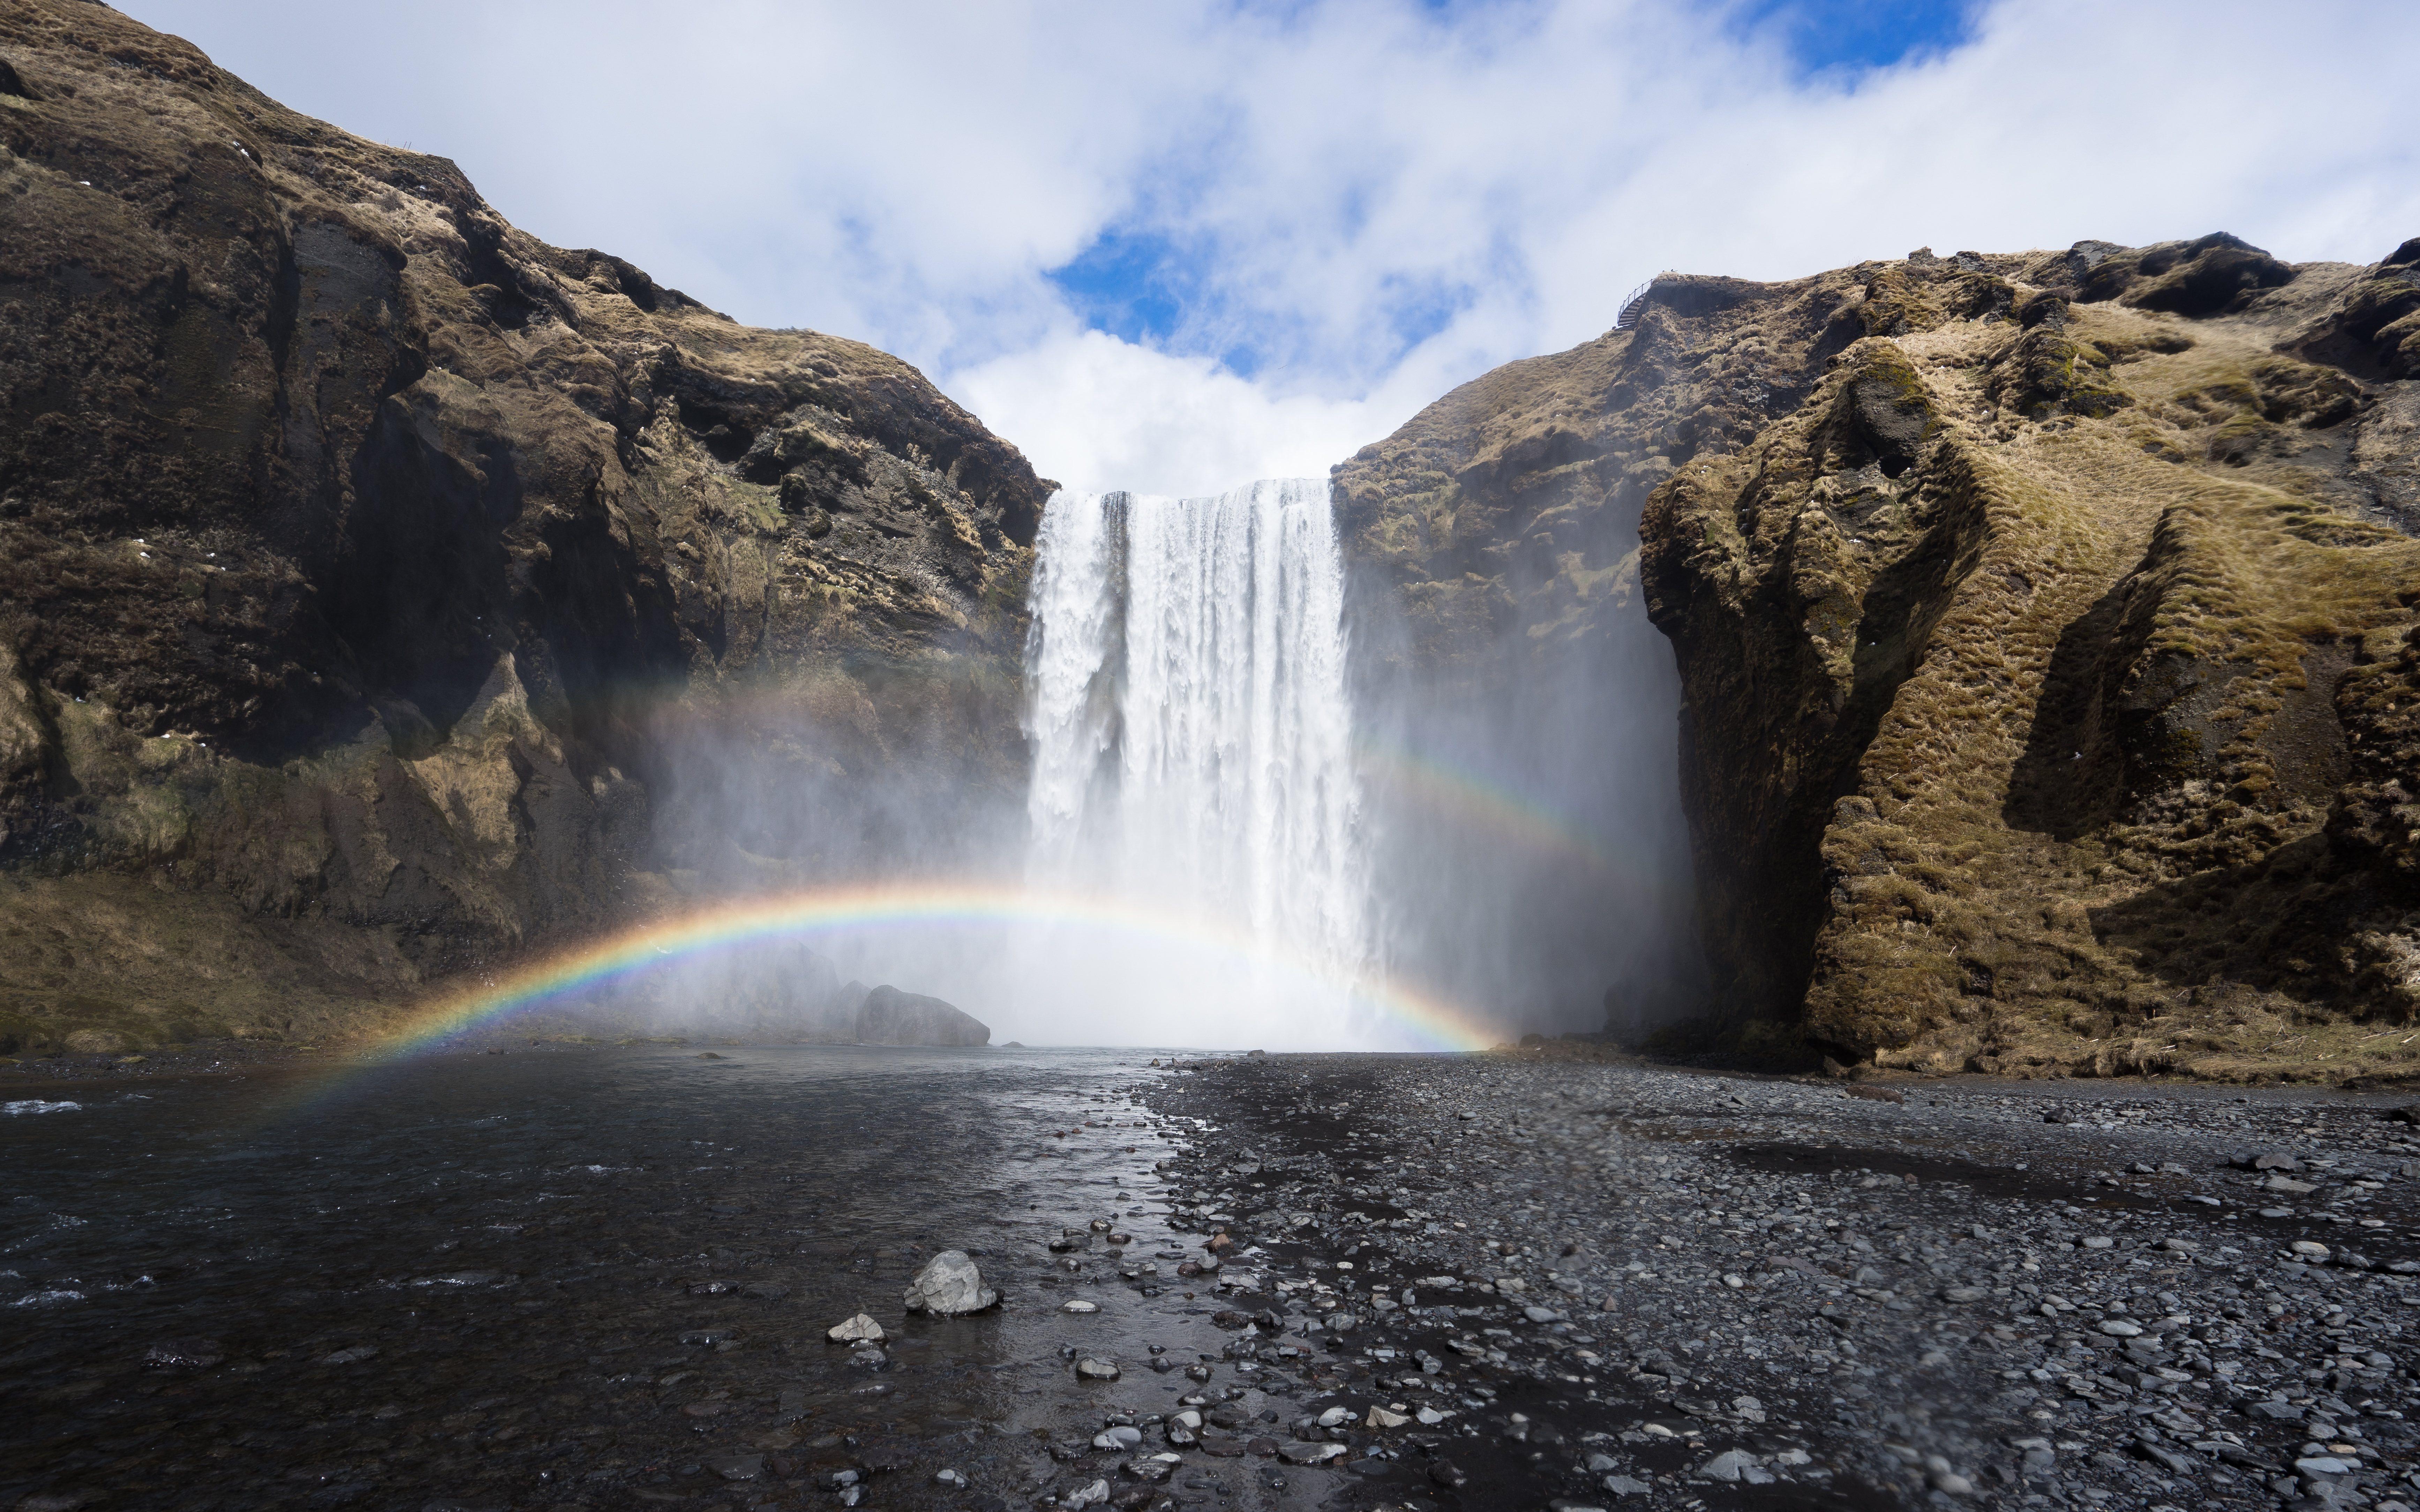 スコゥガフォスの滝には大きな虹が見られ、繊細な一面も